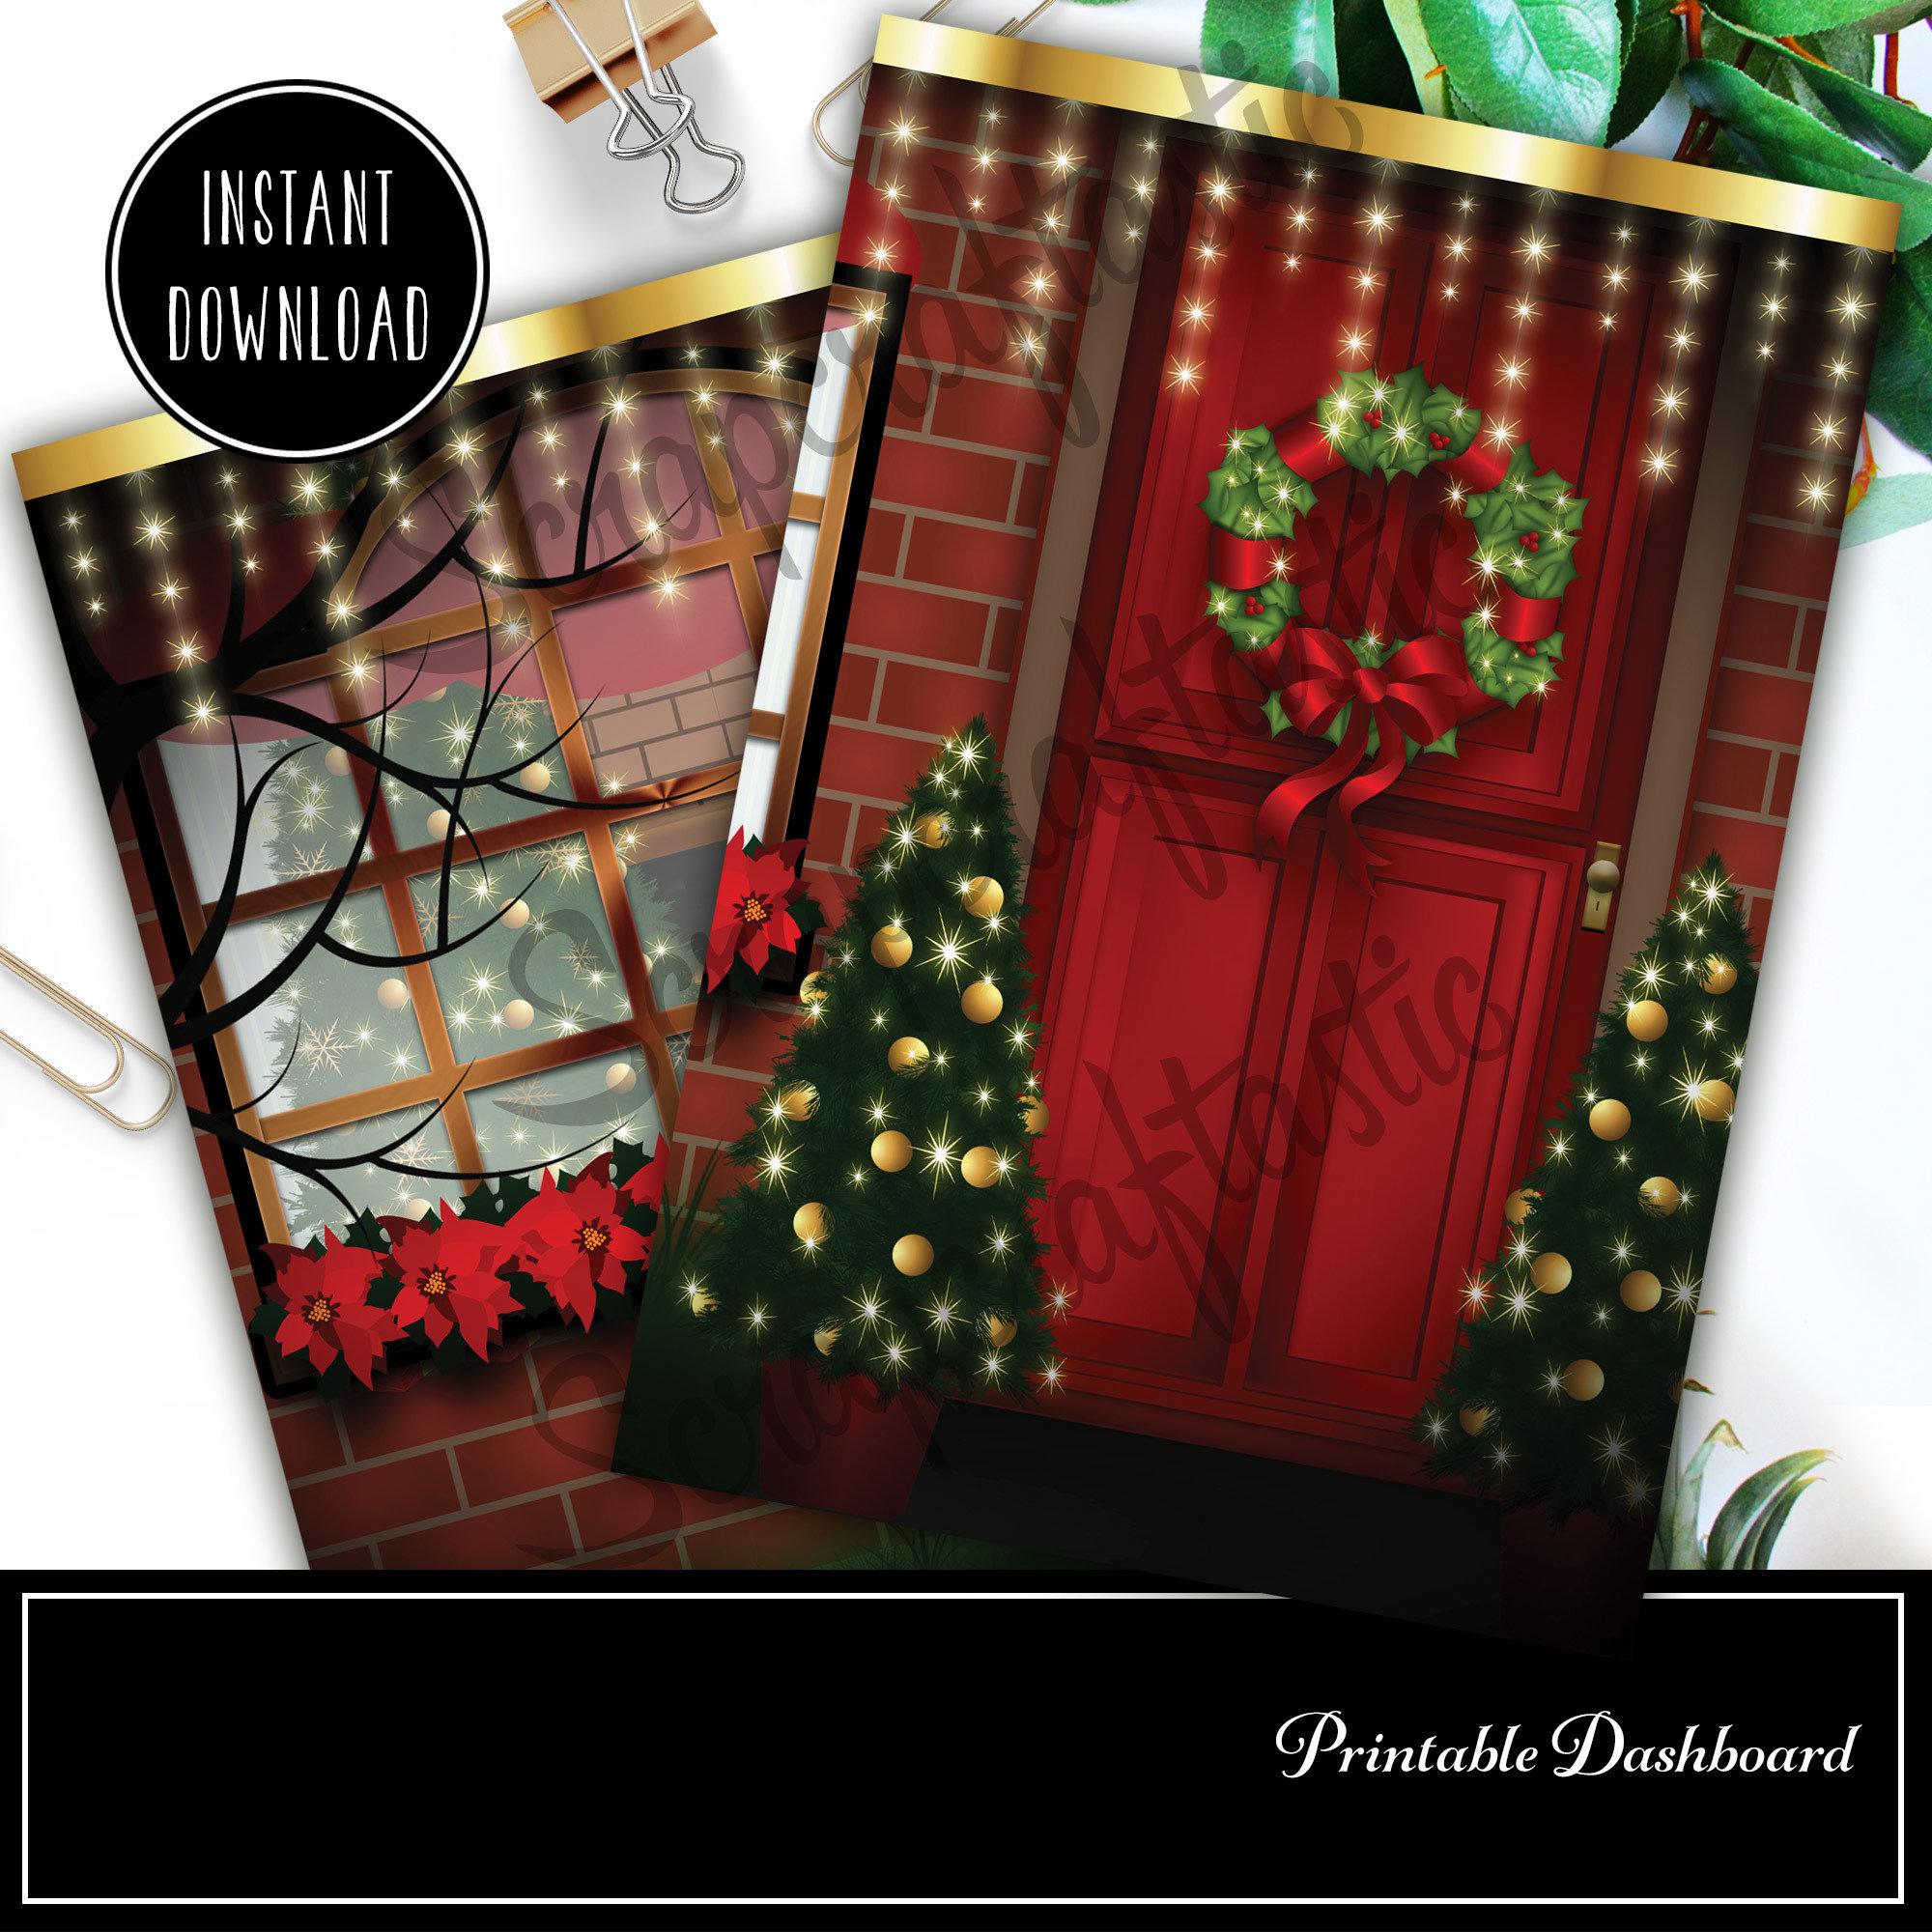 Christmas Digital Illustration B6 Printable Dashboard 05006